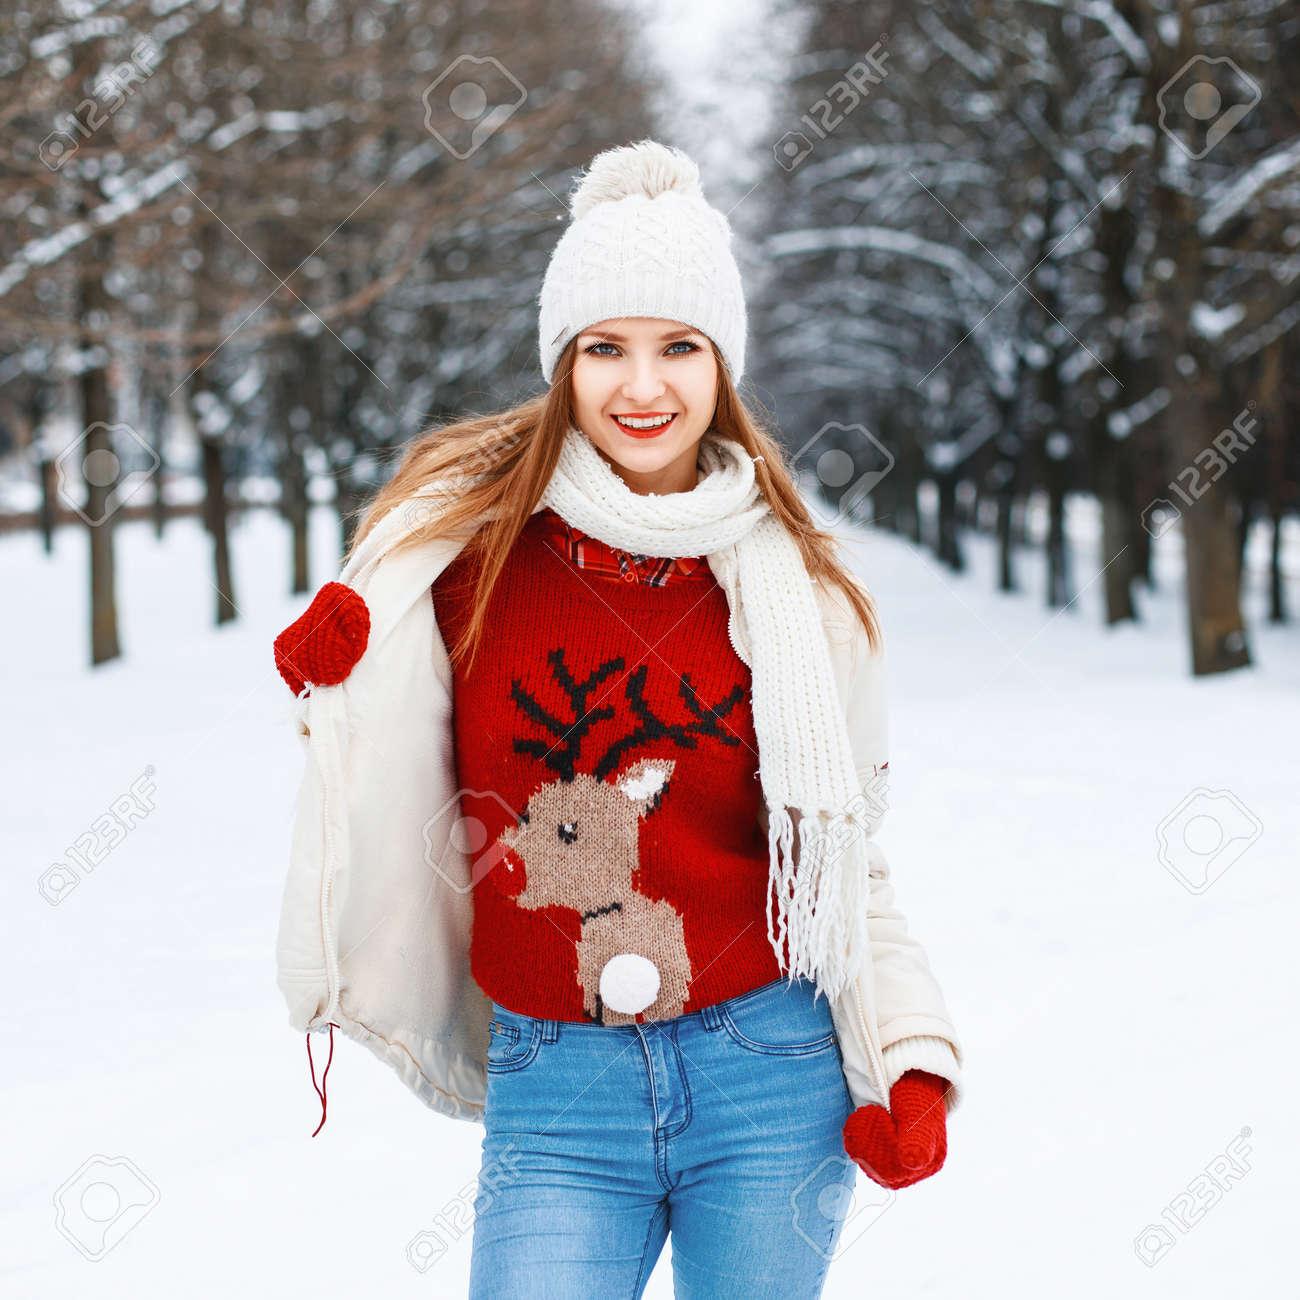 2d4877aab434 Archivio Fotografico - La giovane bella ragazza alla moda è di moda maglia  vestiti caldi d'epoca in una giornata invernale sullo sfondo del parco.